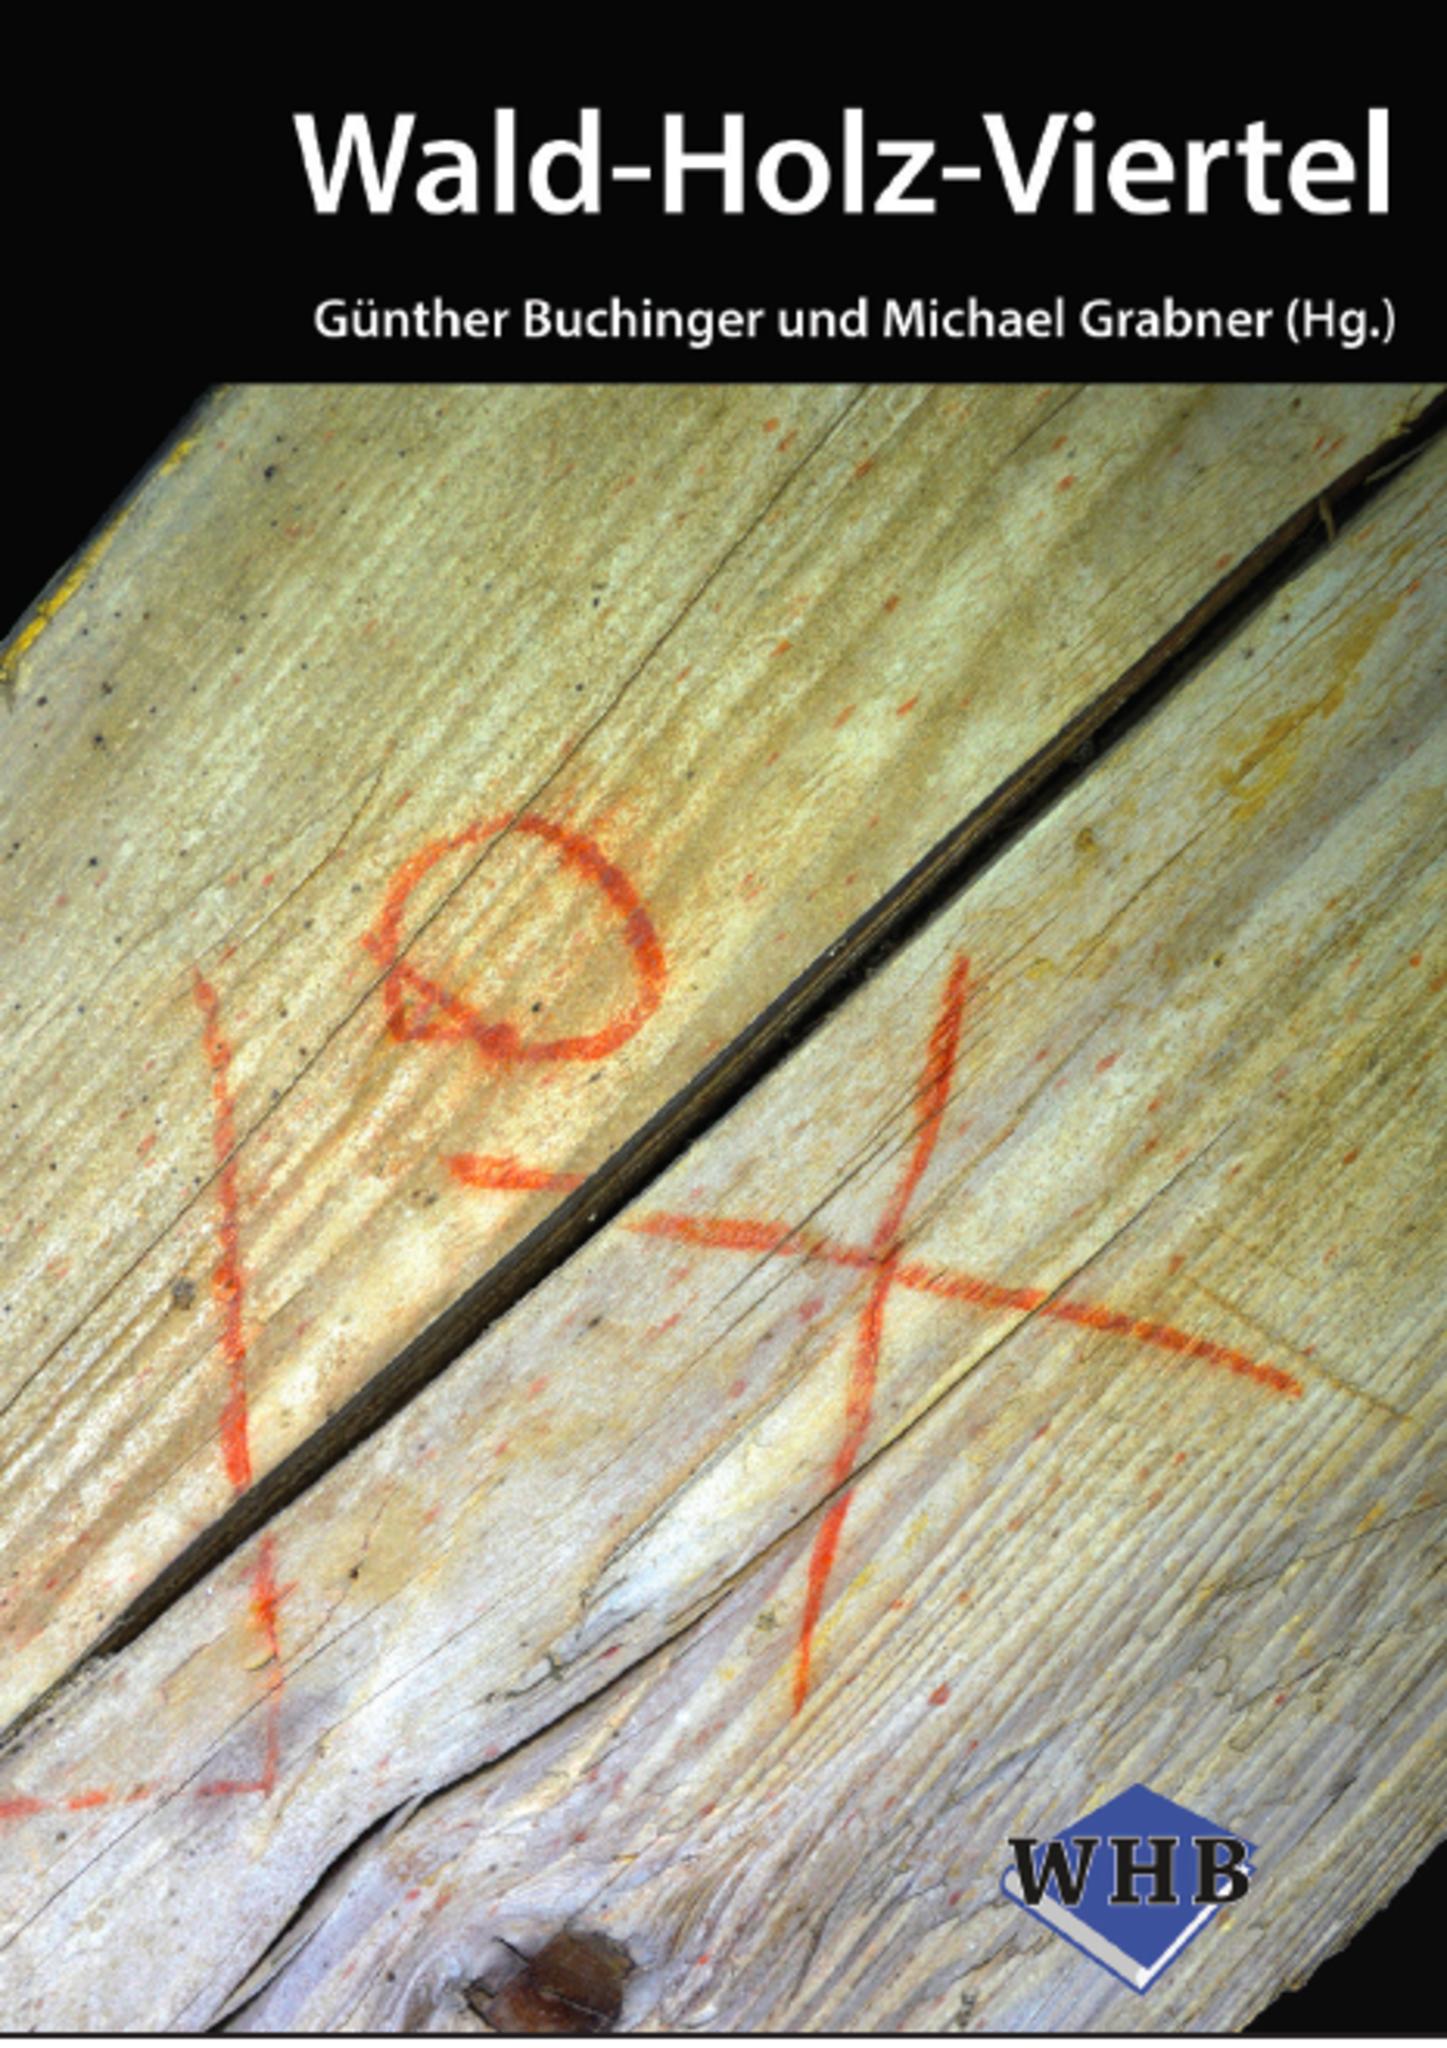 Einladung Zur Buchprasentation In Heidenreichstein Gmund